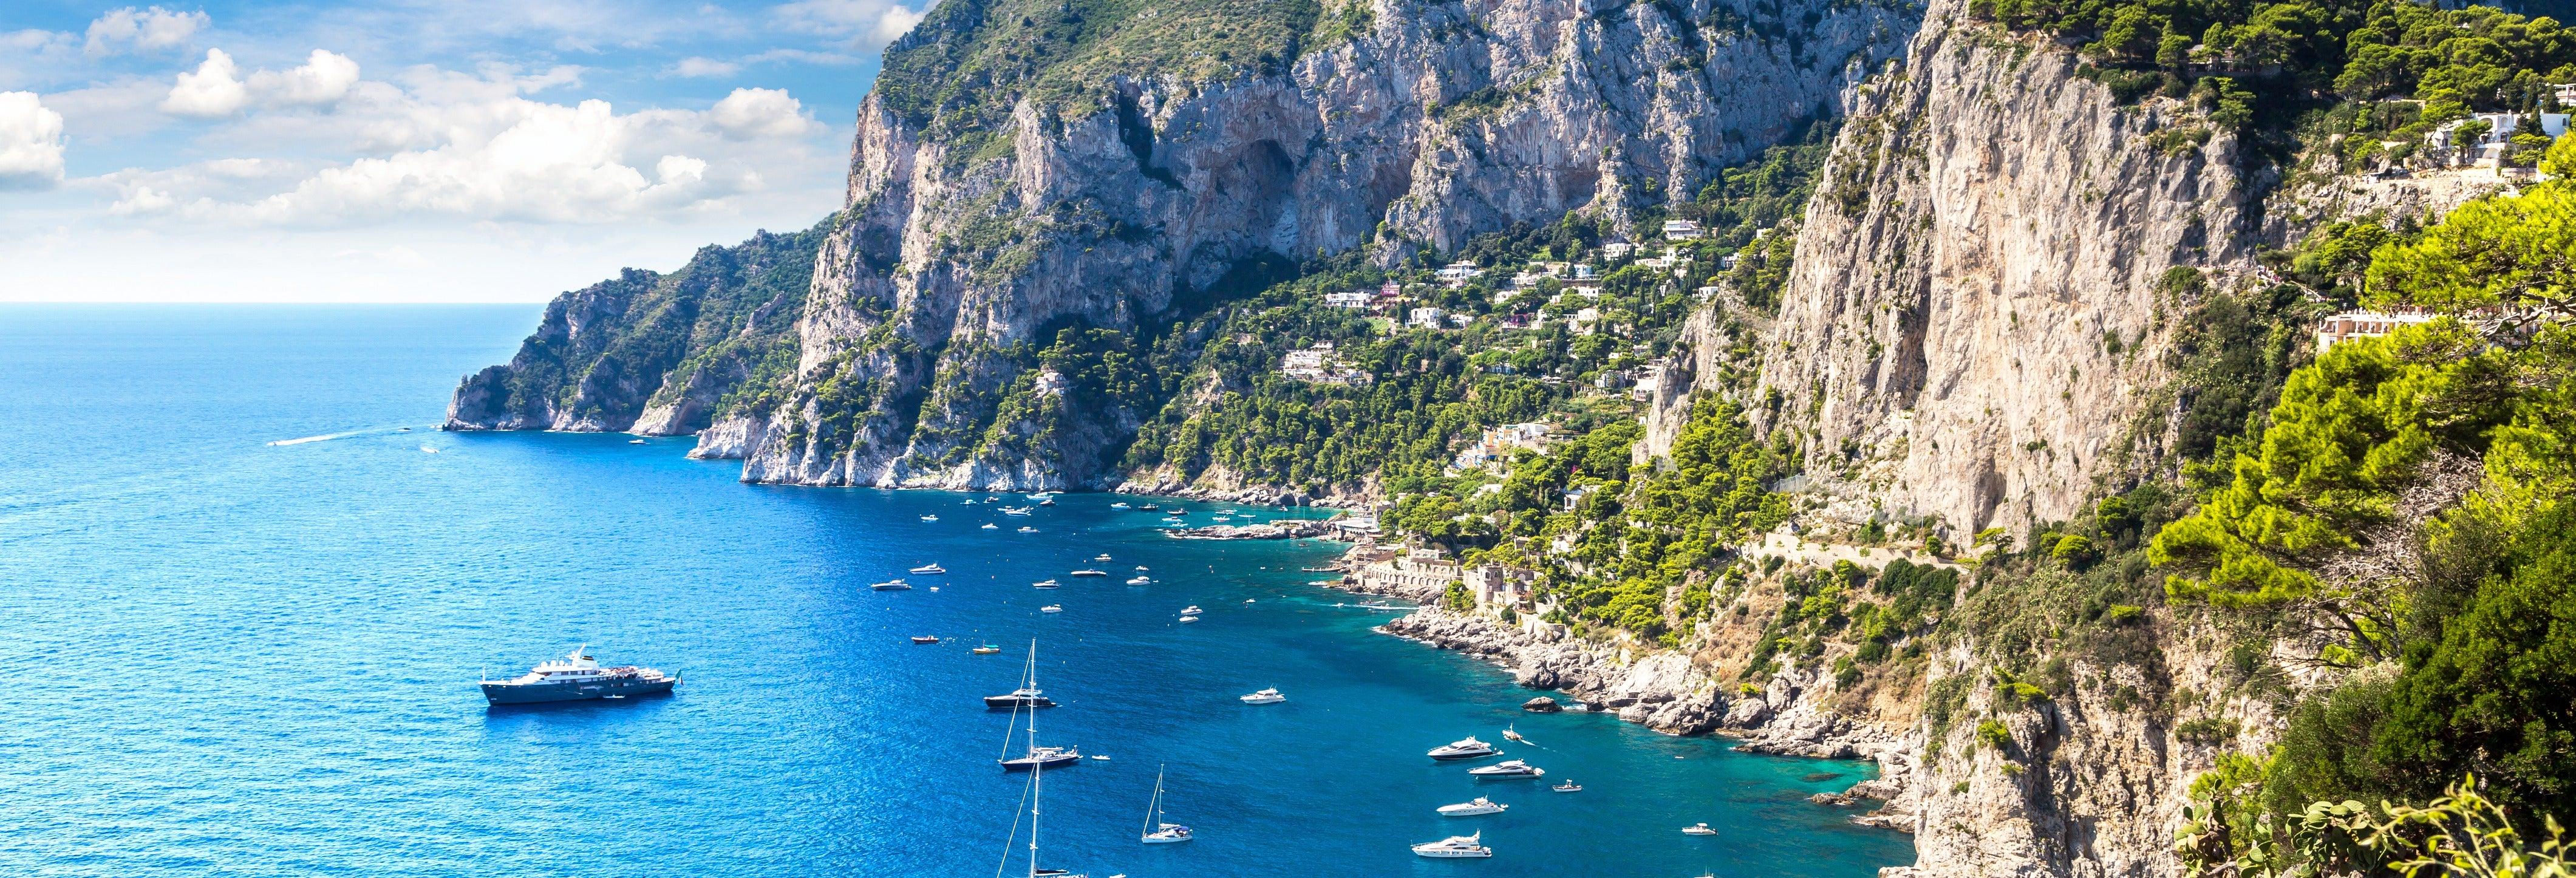 Excursión a la isla de Capri